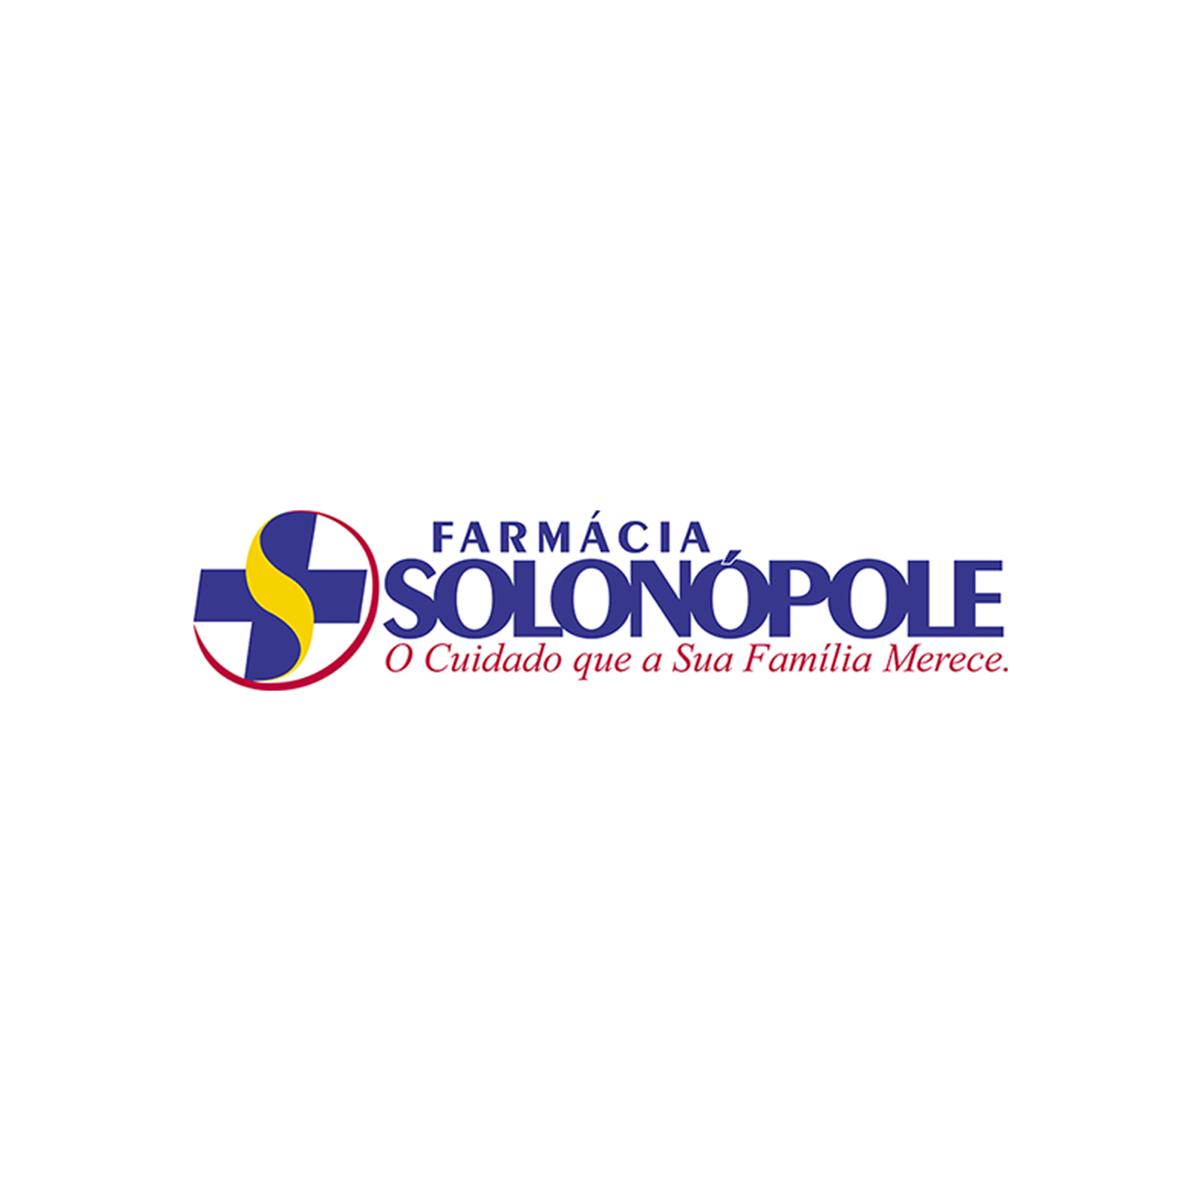 solonopole